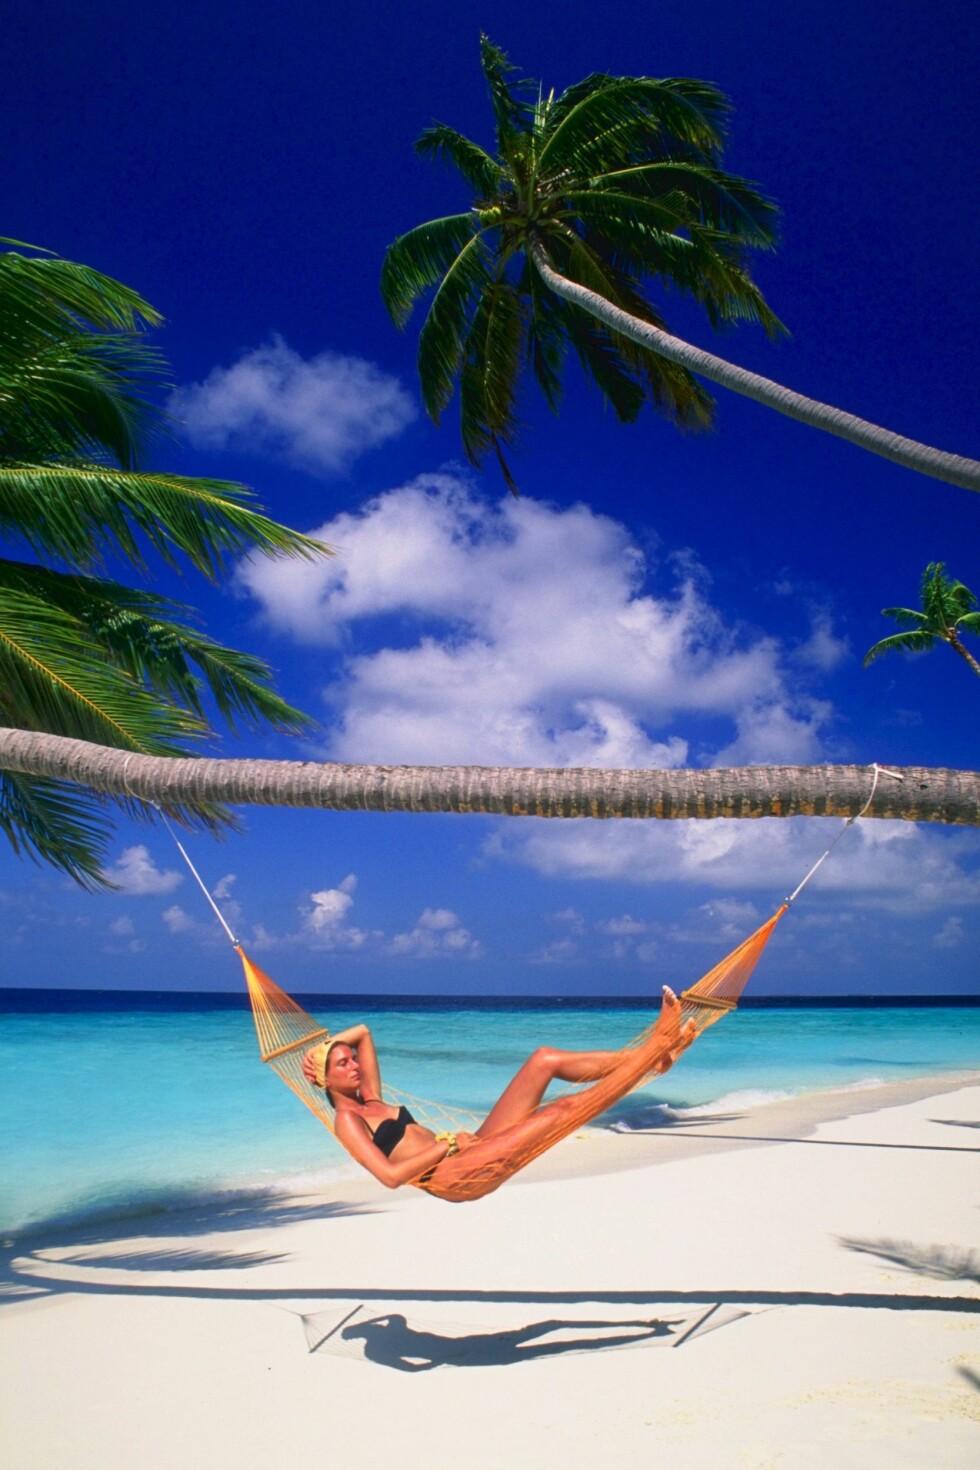 Du trenger ikke dra på ferie for å nyte fritiden din. Nyt de små øyeblikkene i hverdagen og øv deg på ikke å gjøre noe fornuftig hele tiden.